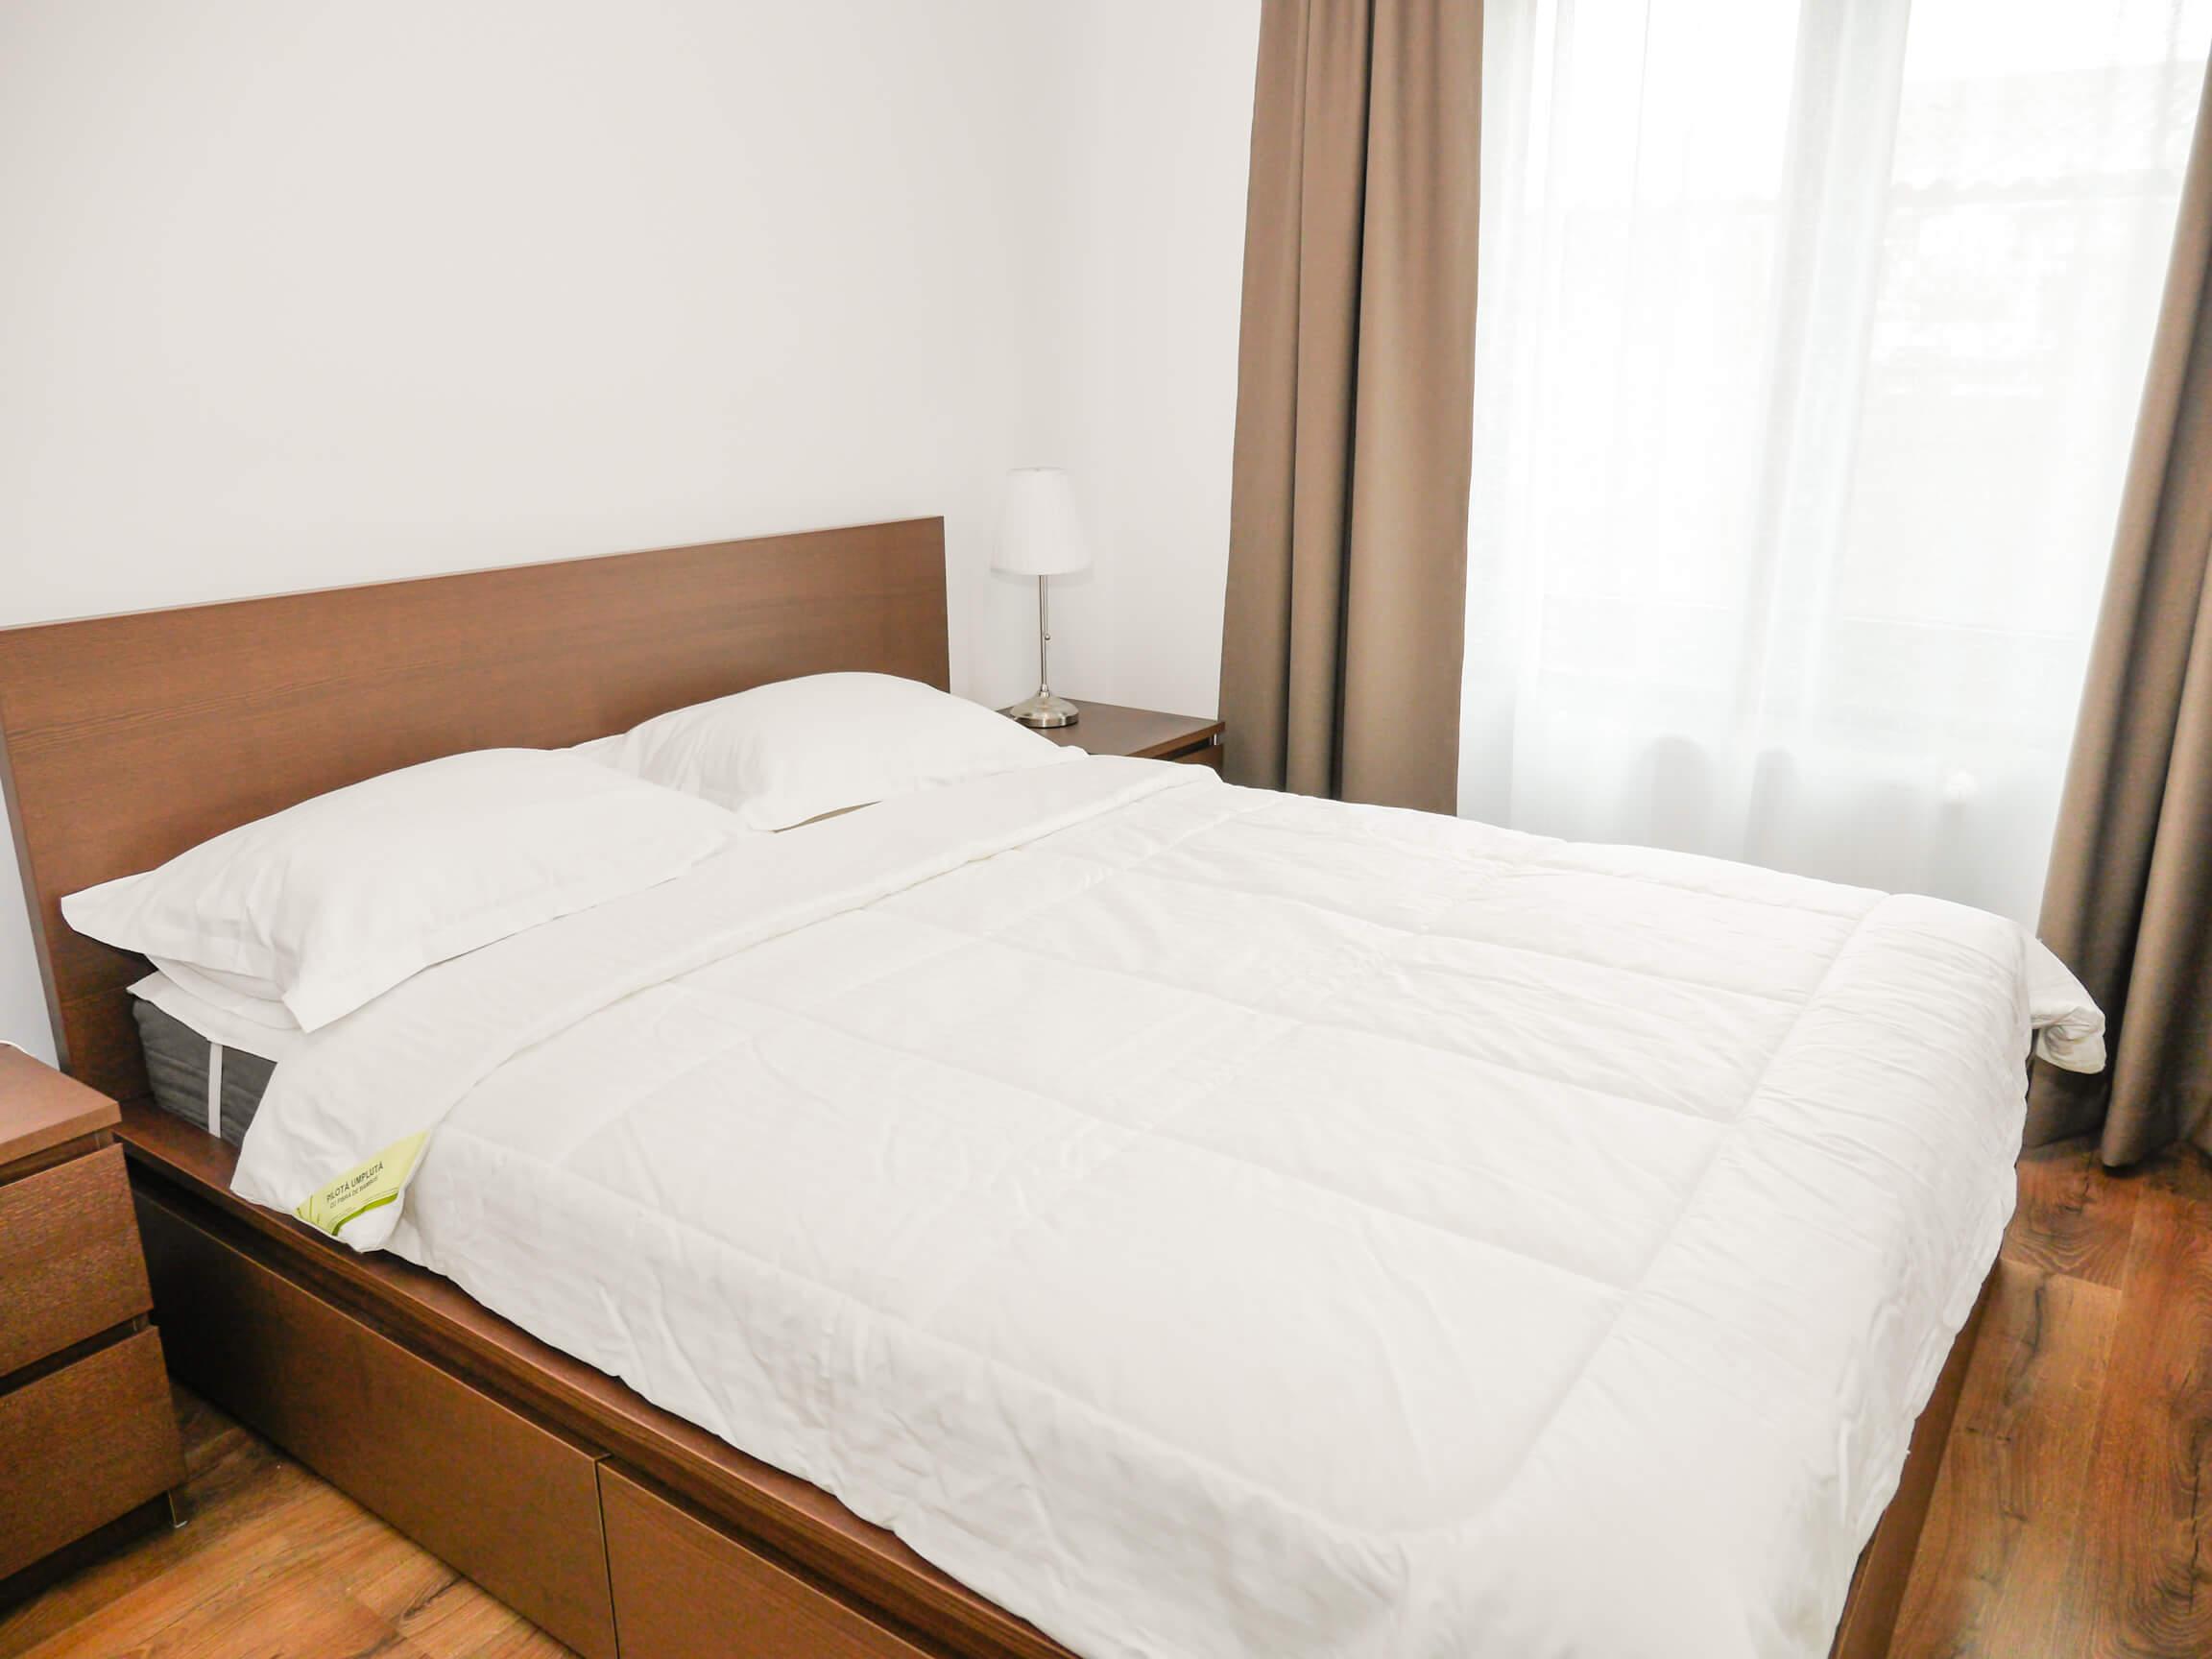 Clement Apartments - apartamente de inchiriat in regim hotelier - cazare neamt - cazare piatra neamt (7) - apartament 3